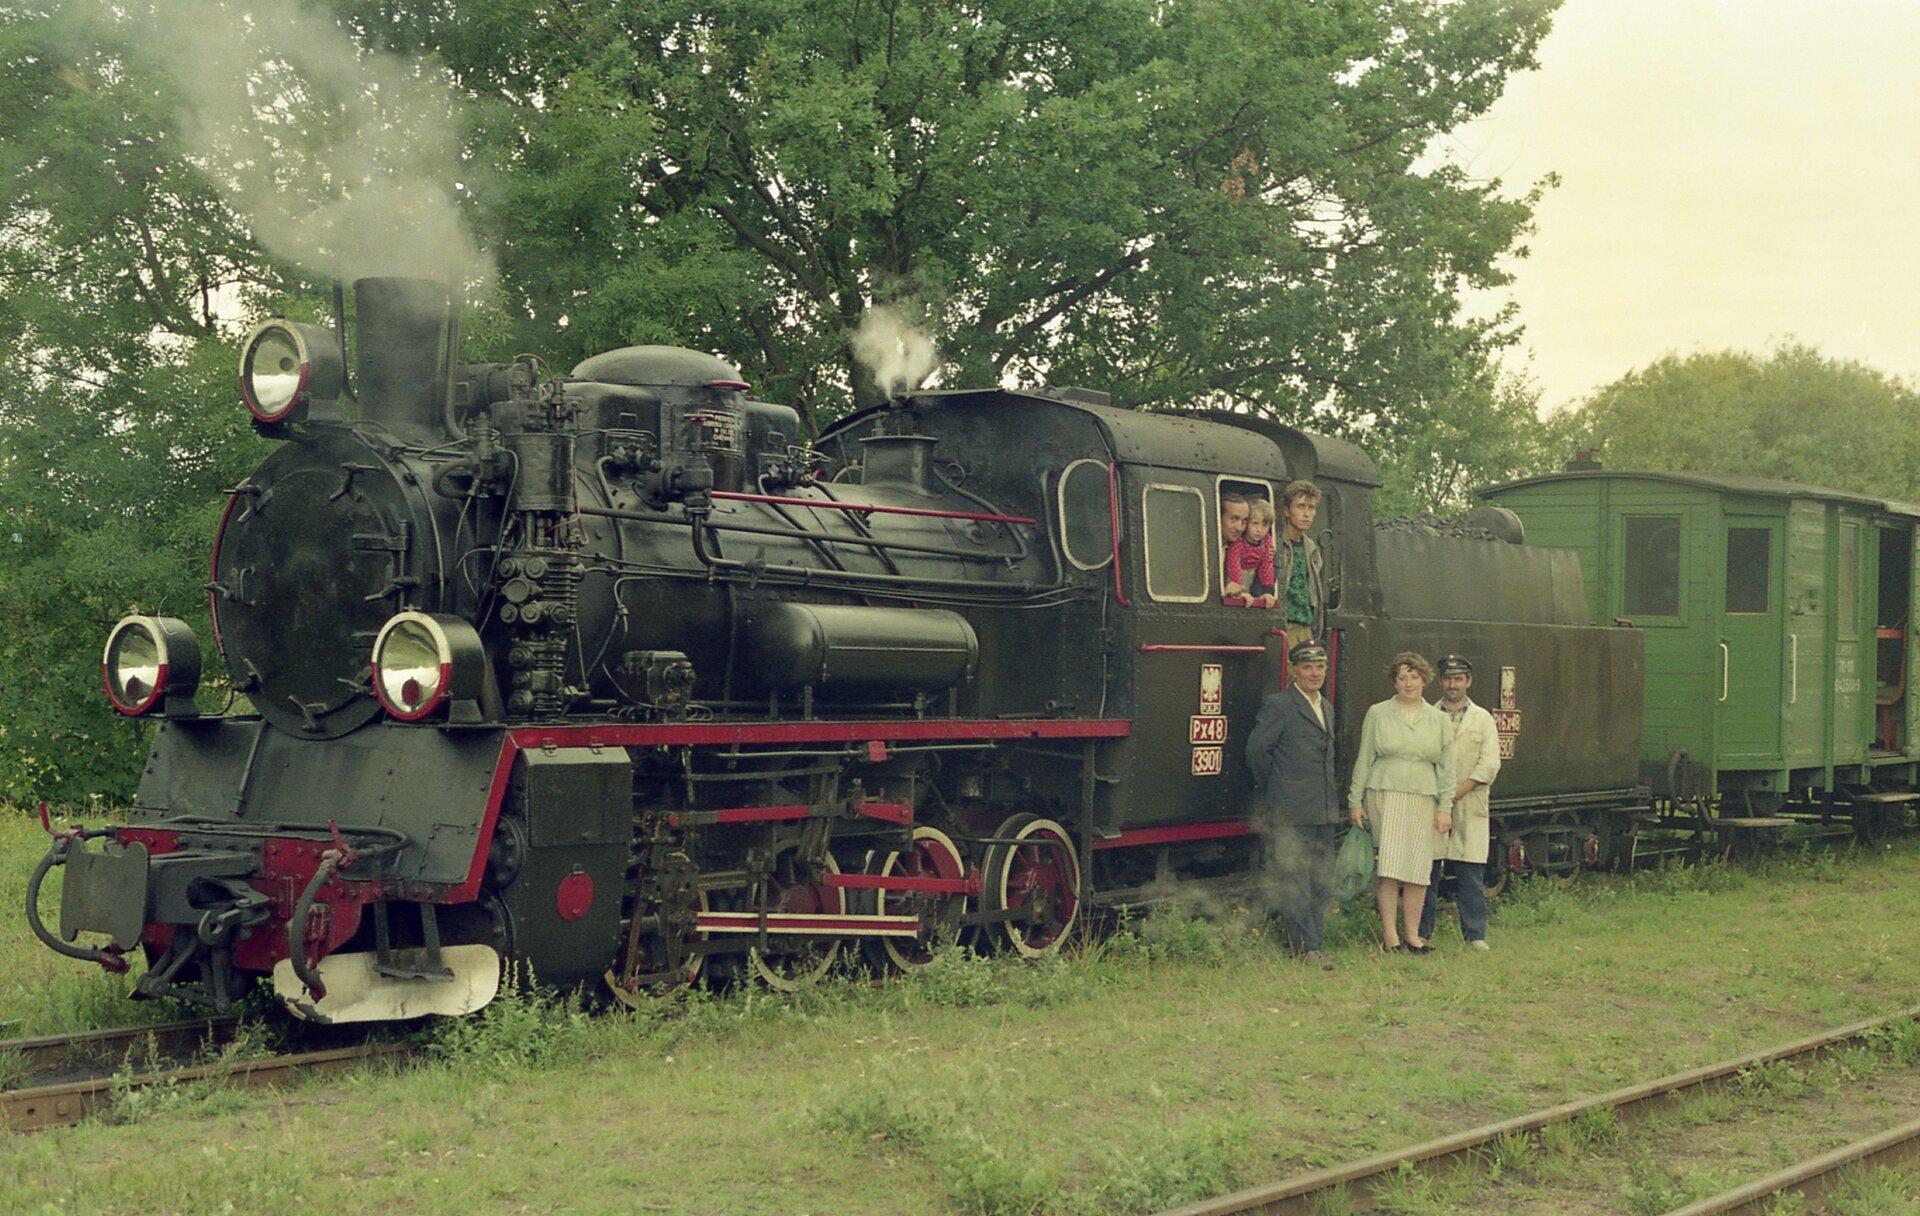 236-p3-012 Px48-3901 8.1992.jpg